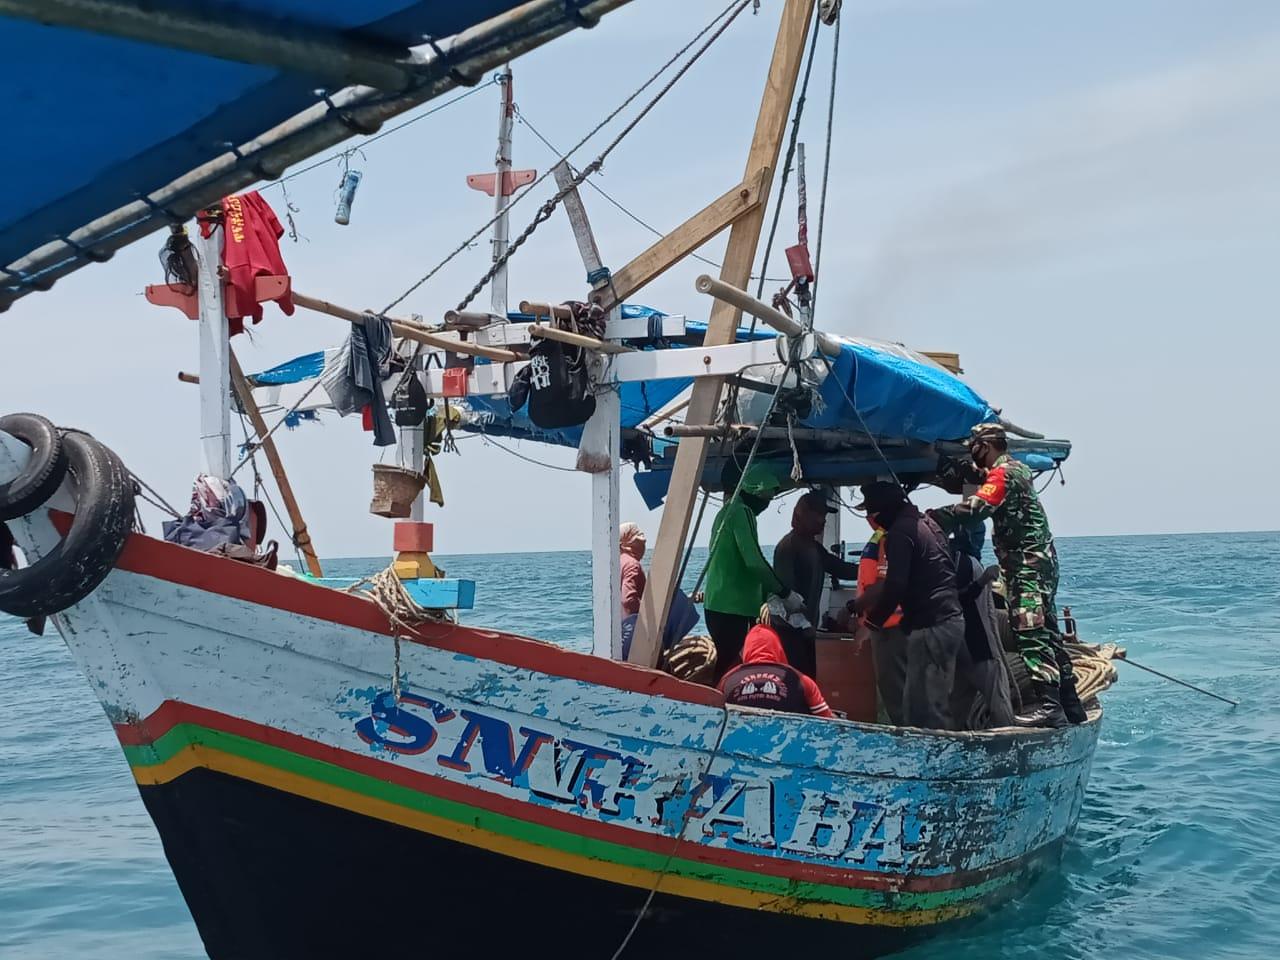 Koramil 04/KS Bersama Satpol PP Gelar Patroli Laut di Kepulauan Seribu Utara